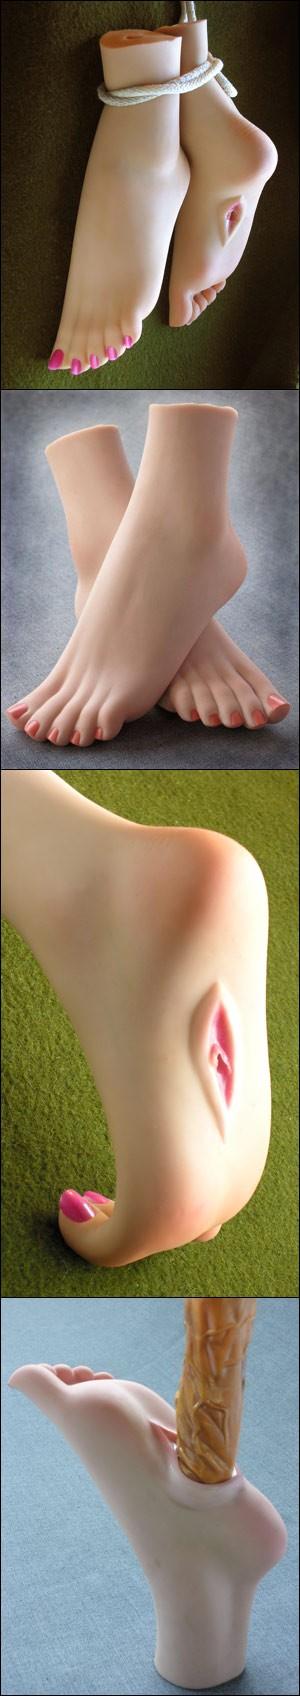 vagina-foot.jpg